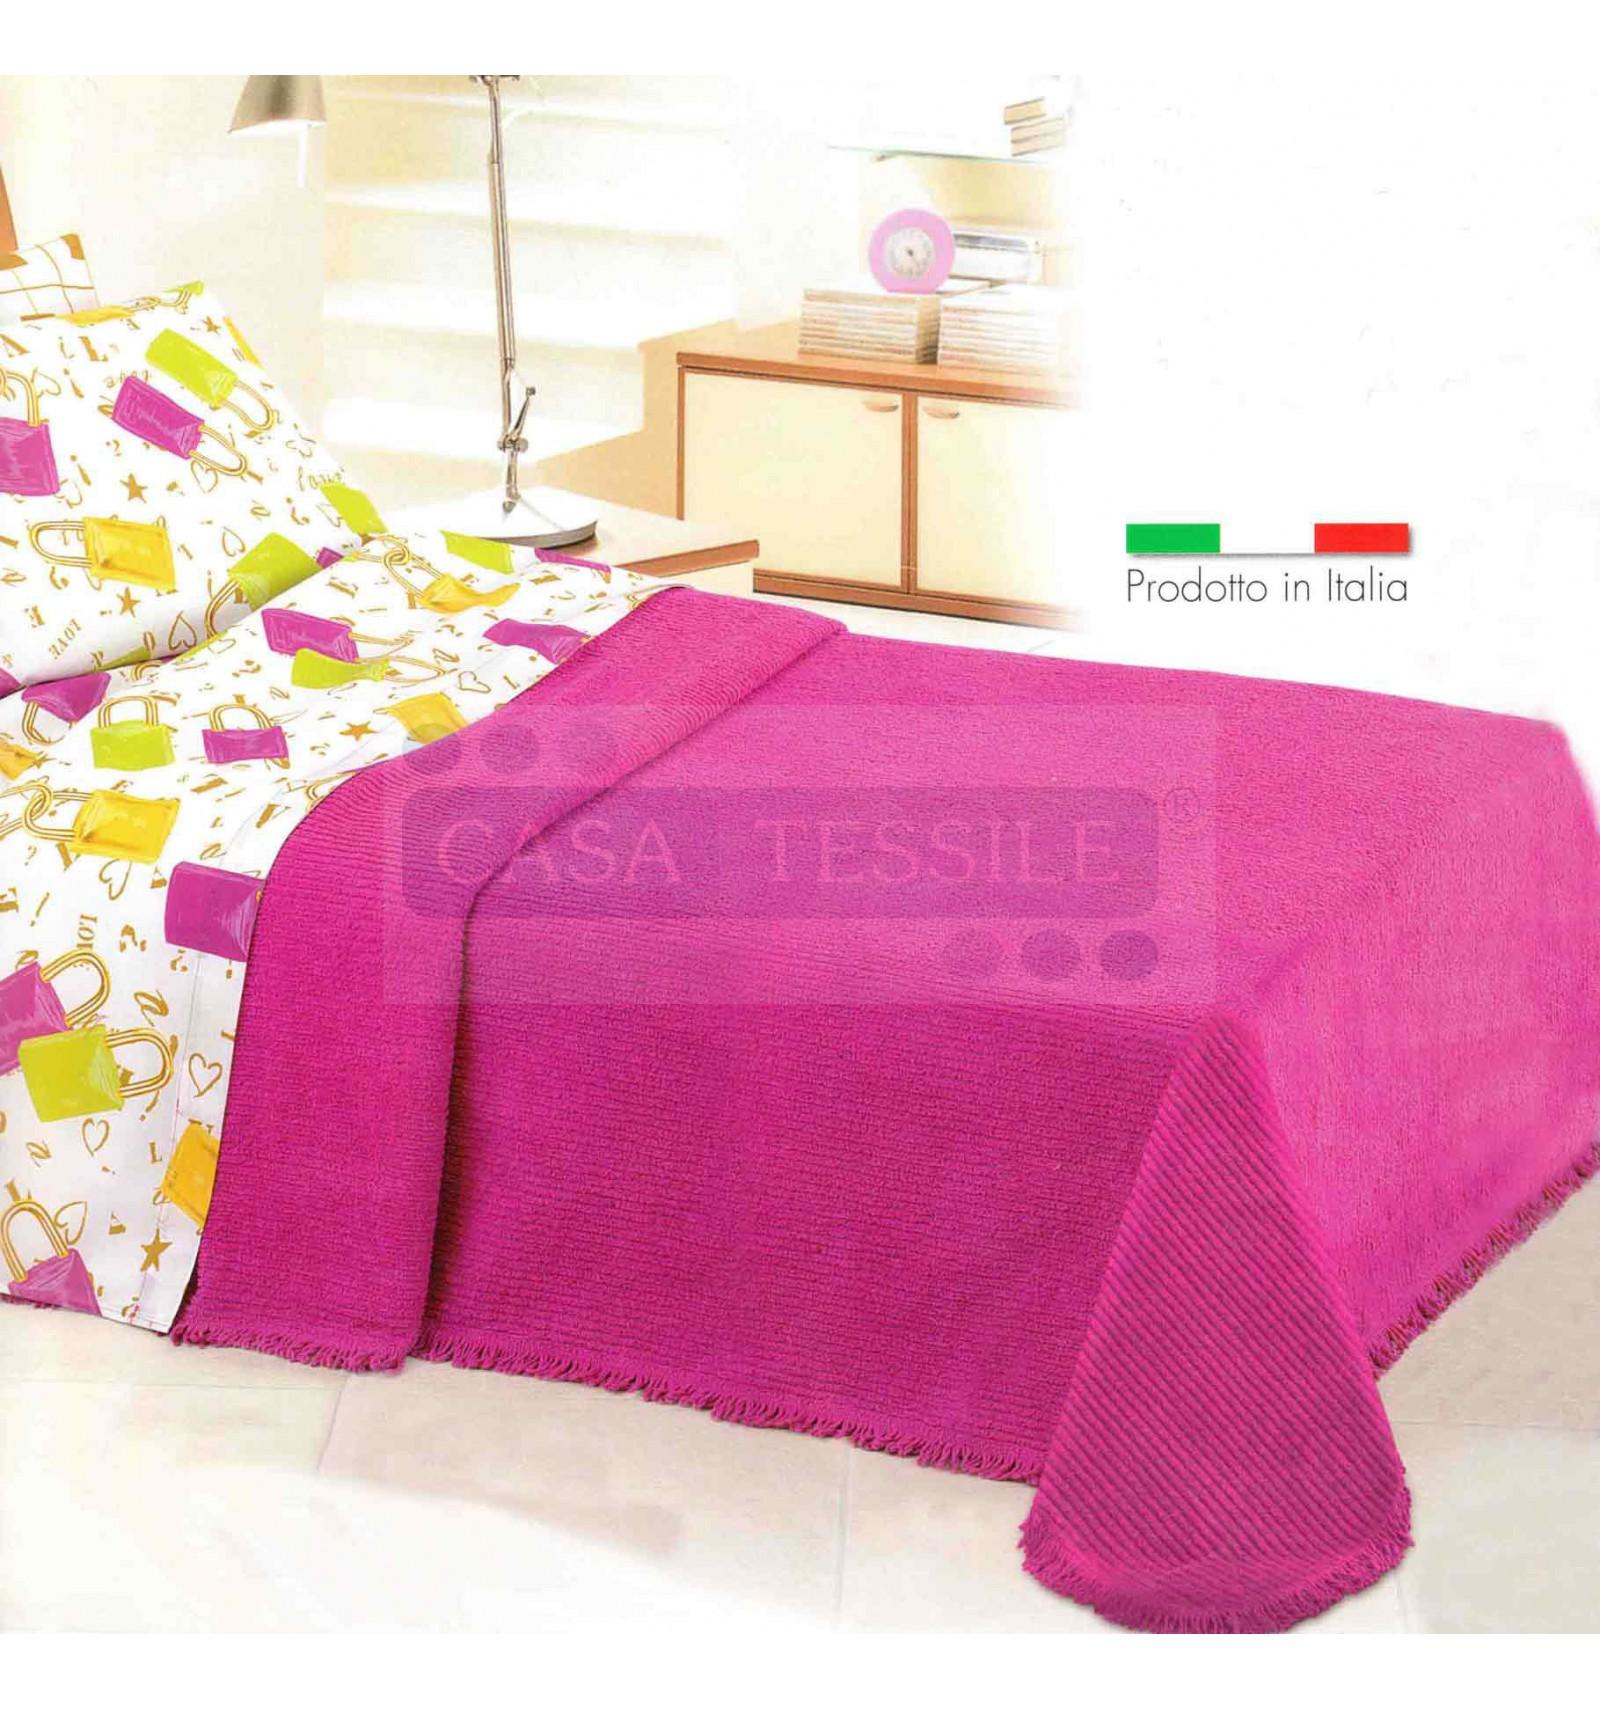 3170cc177f Ciniglia classico copriletto matrimoniale cm 260x270 - CASA TESSILE